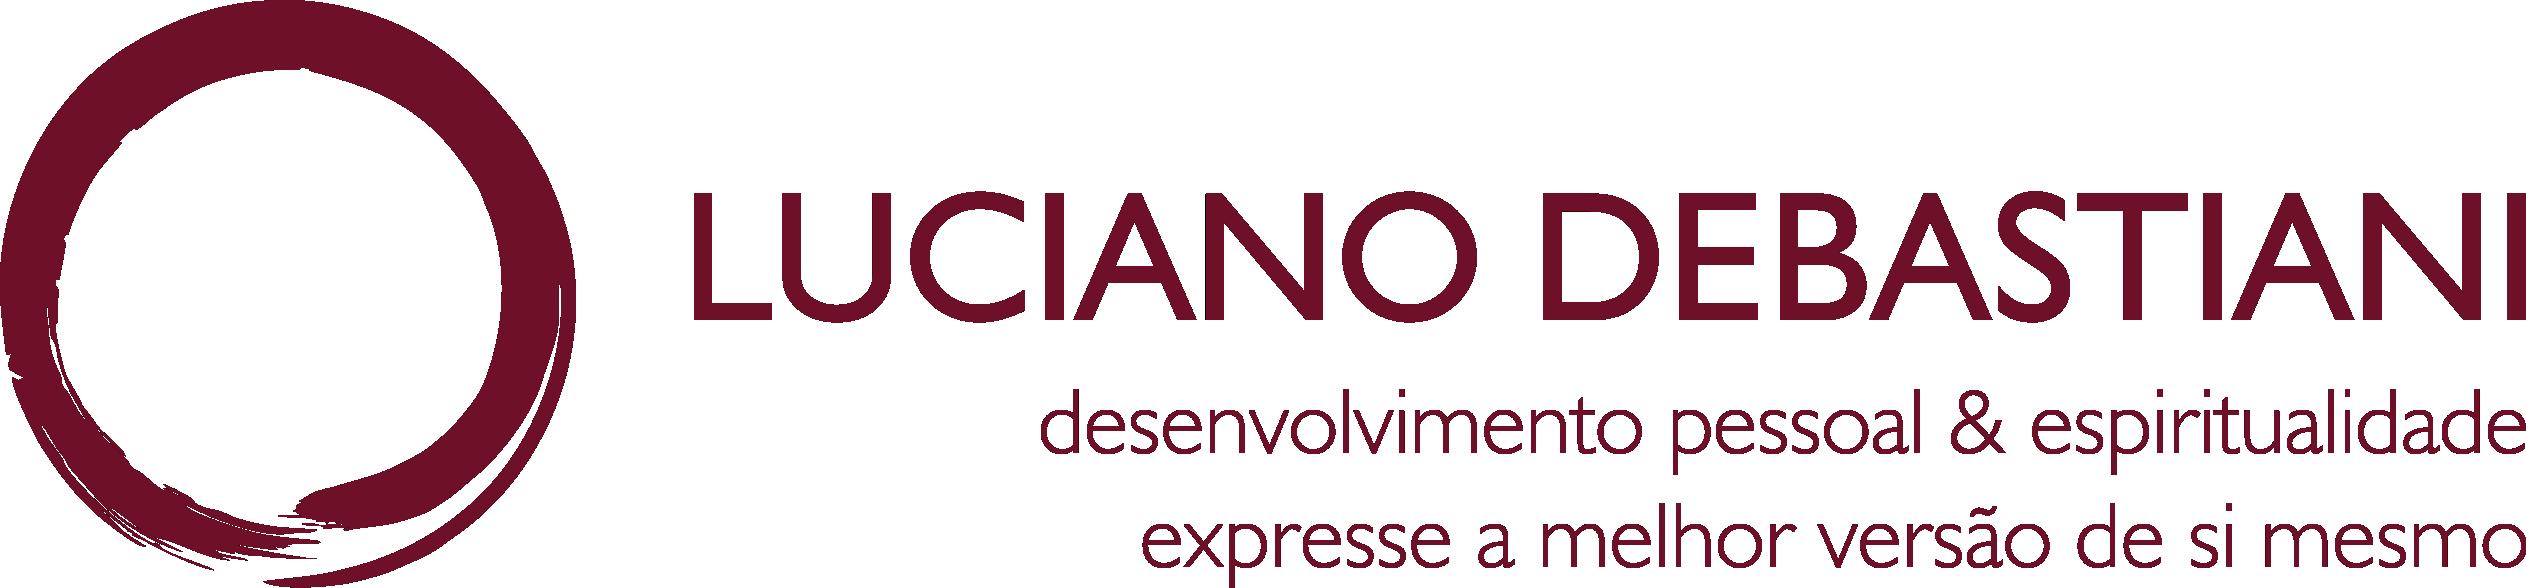 Luciano Debastiani | Desenvolvimento Pessoal & Espiritualidade